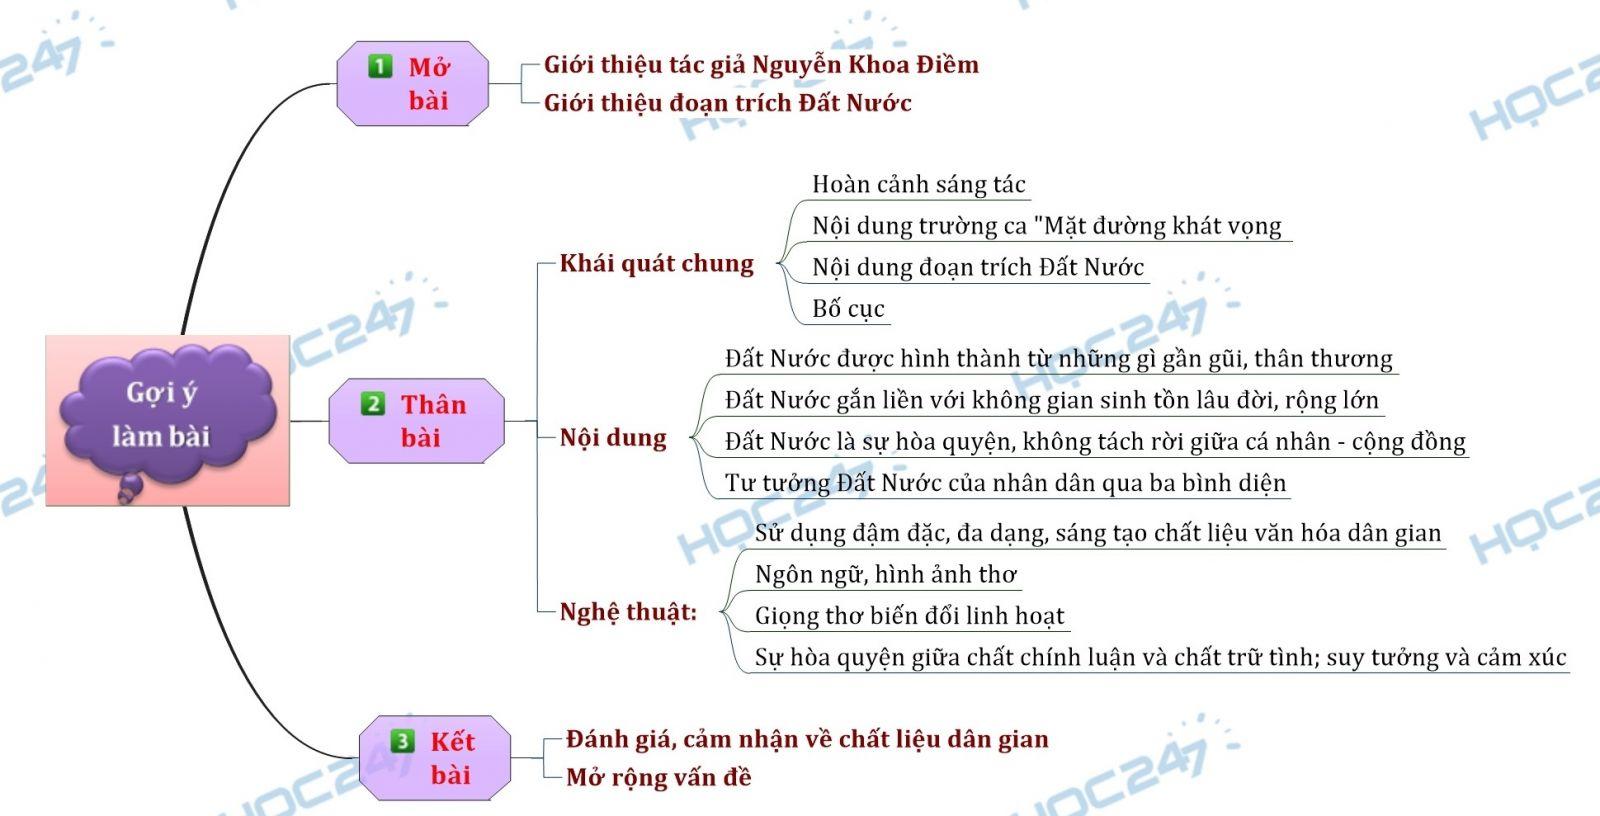 Sơ đồ tư duy - Phân tích đoạn trích Đất Nước của nhà thơ Nguyễn Khoa Điềm